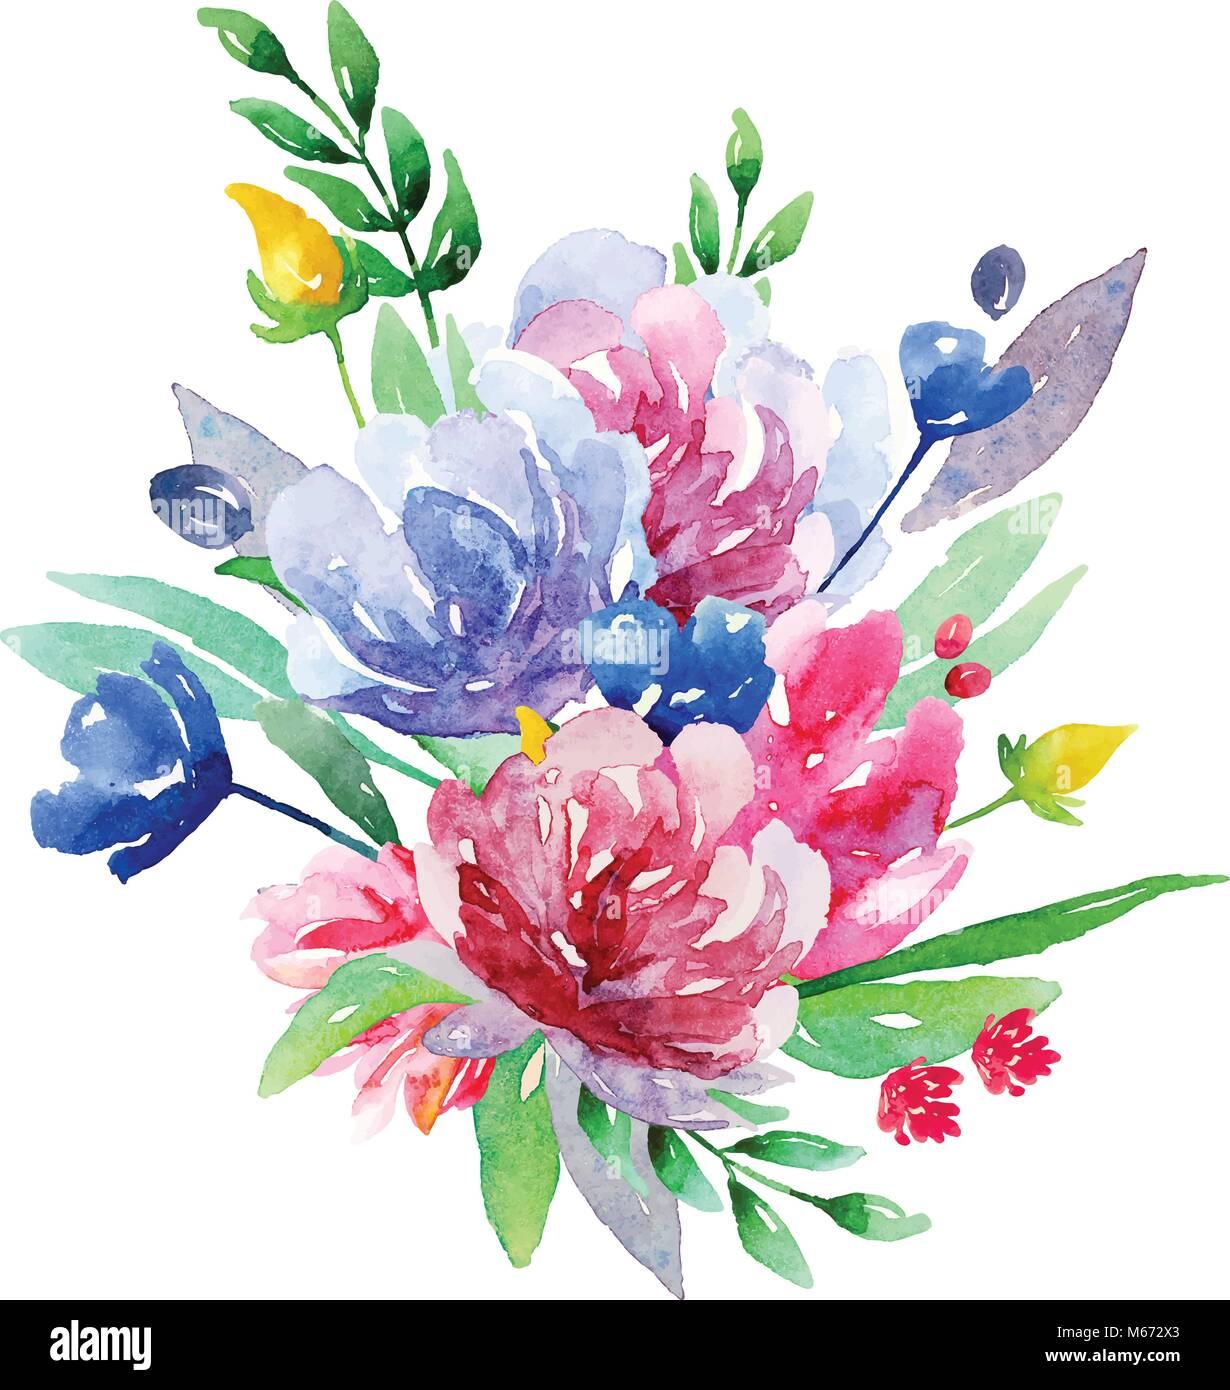 vector art flowers wallpapers